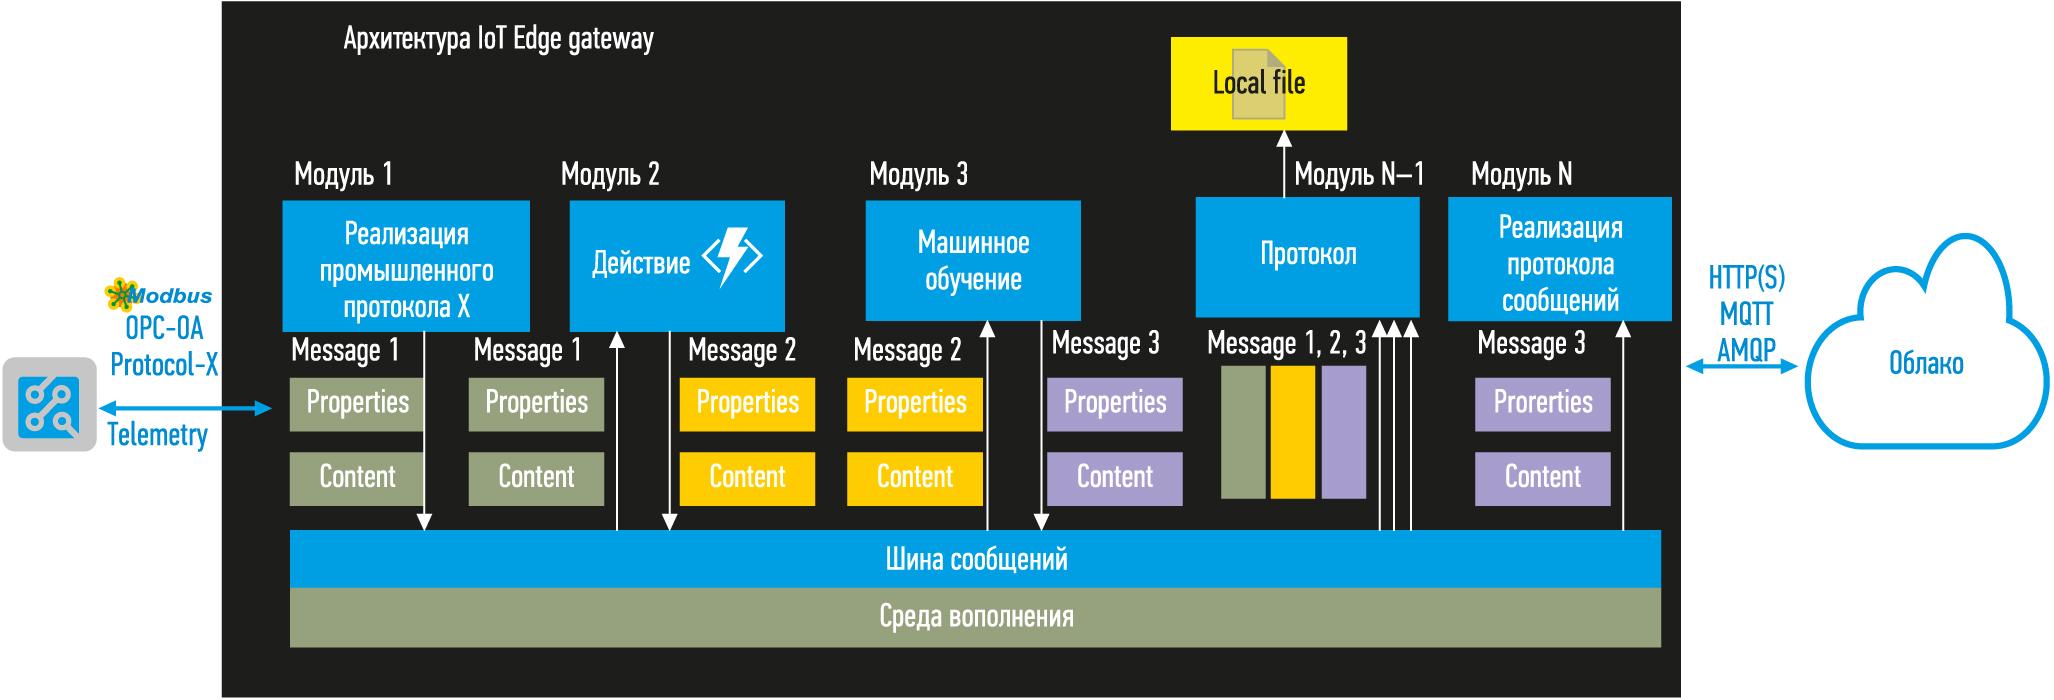 Архитектура устройства IoT Edge